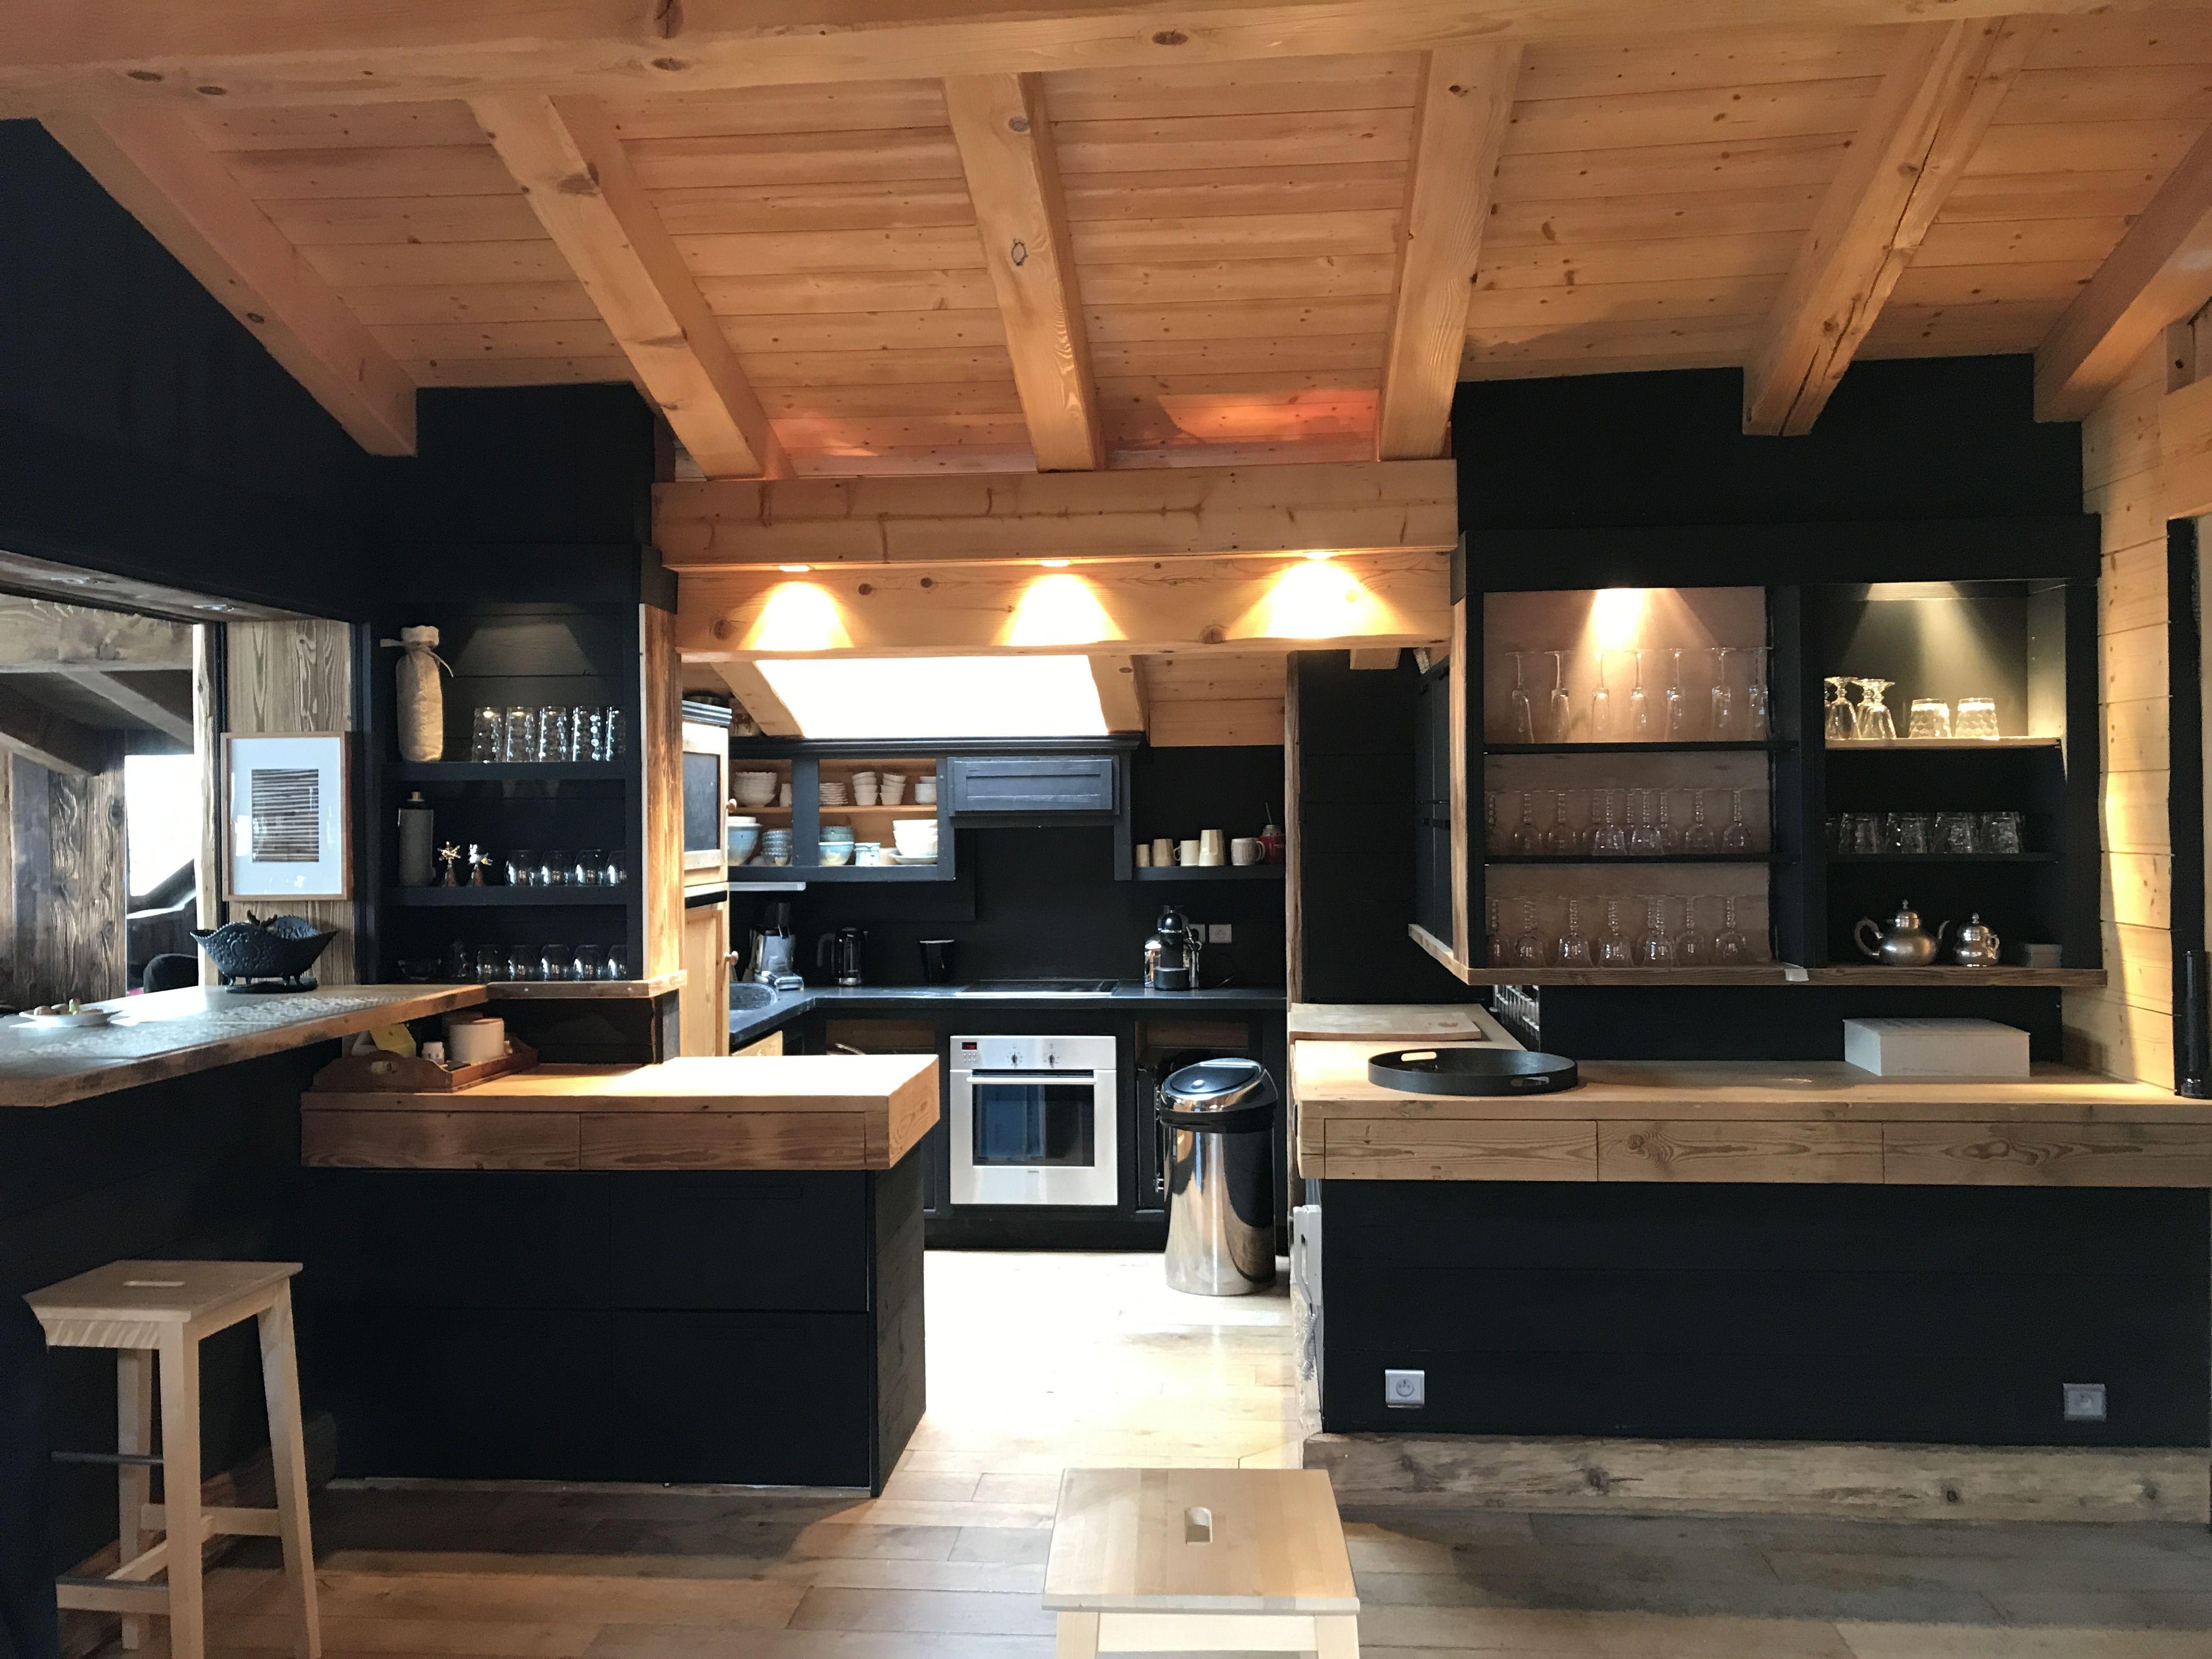 Vieux bois et peinture noire . Cuisine Chalet Megève | House ...